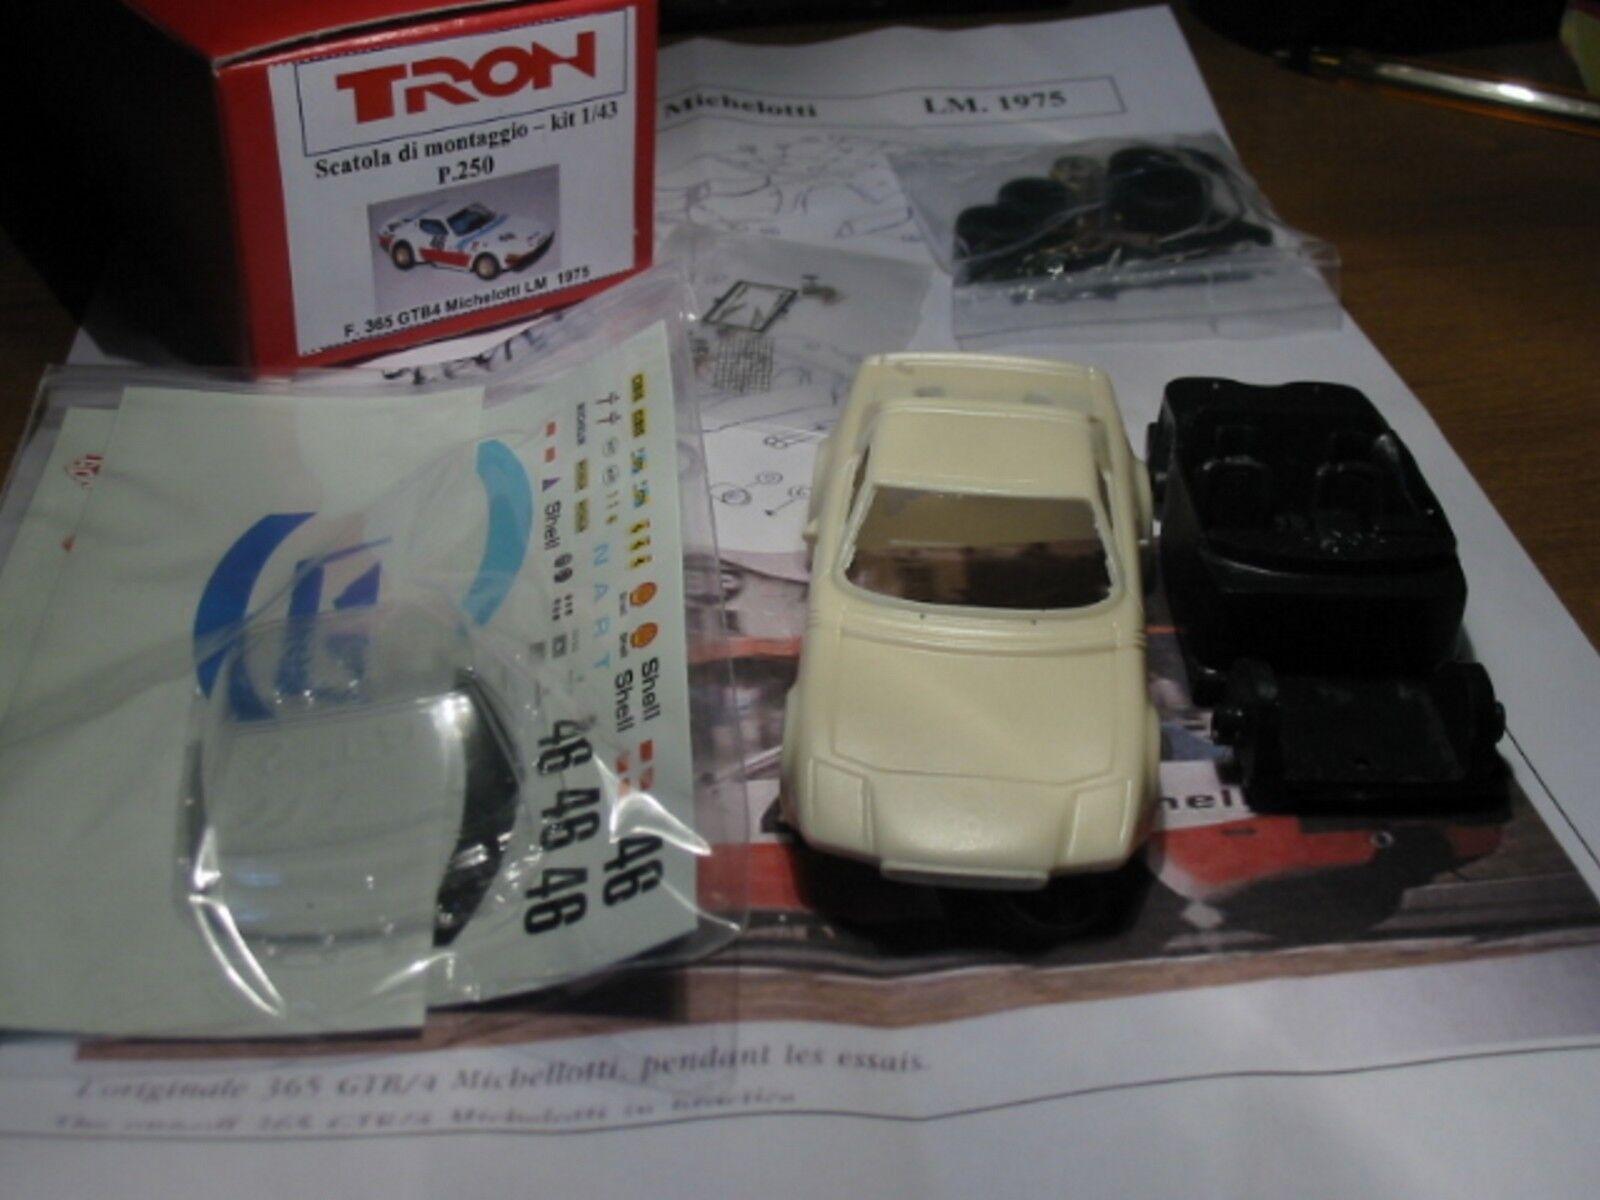 mejor marca kit kit kit Ferrari 365 GTB 4 Michelotti NART  46 Le Mans 1975 - Tron Models kit 1 43  solo cómpralo